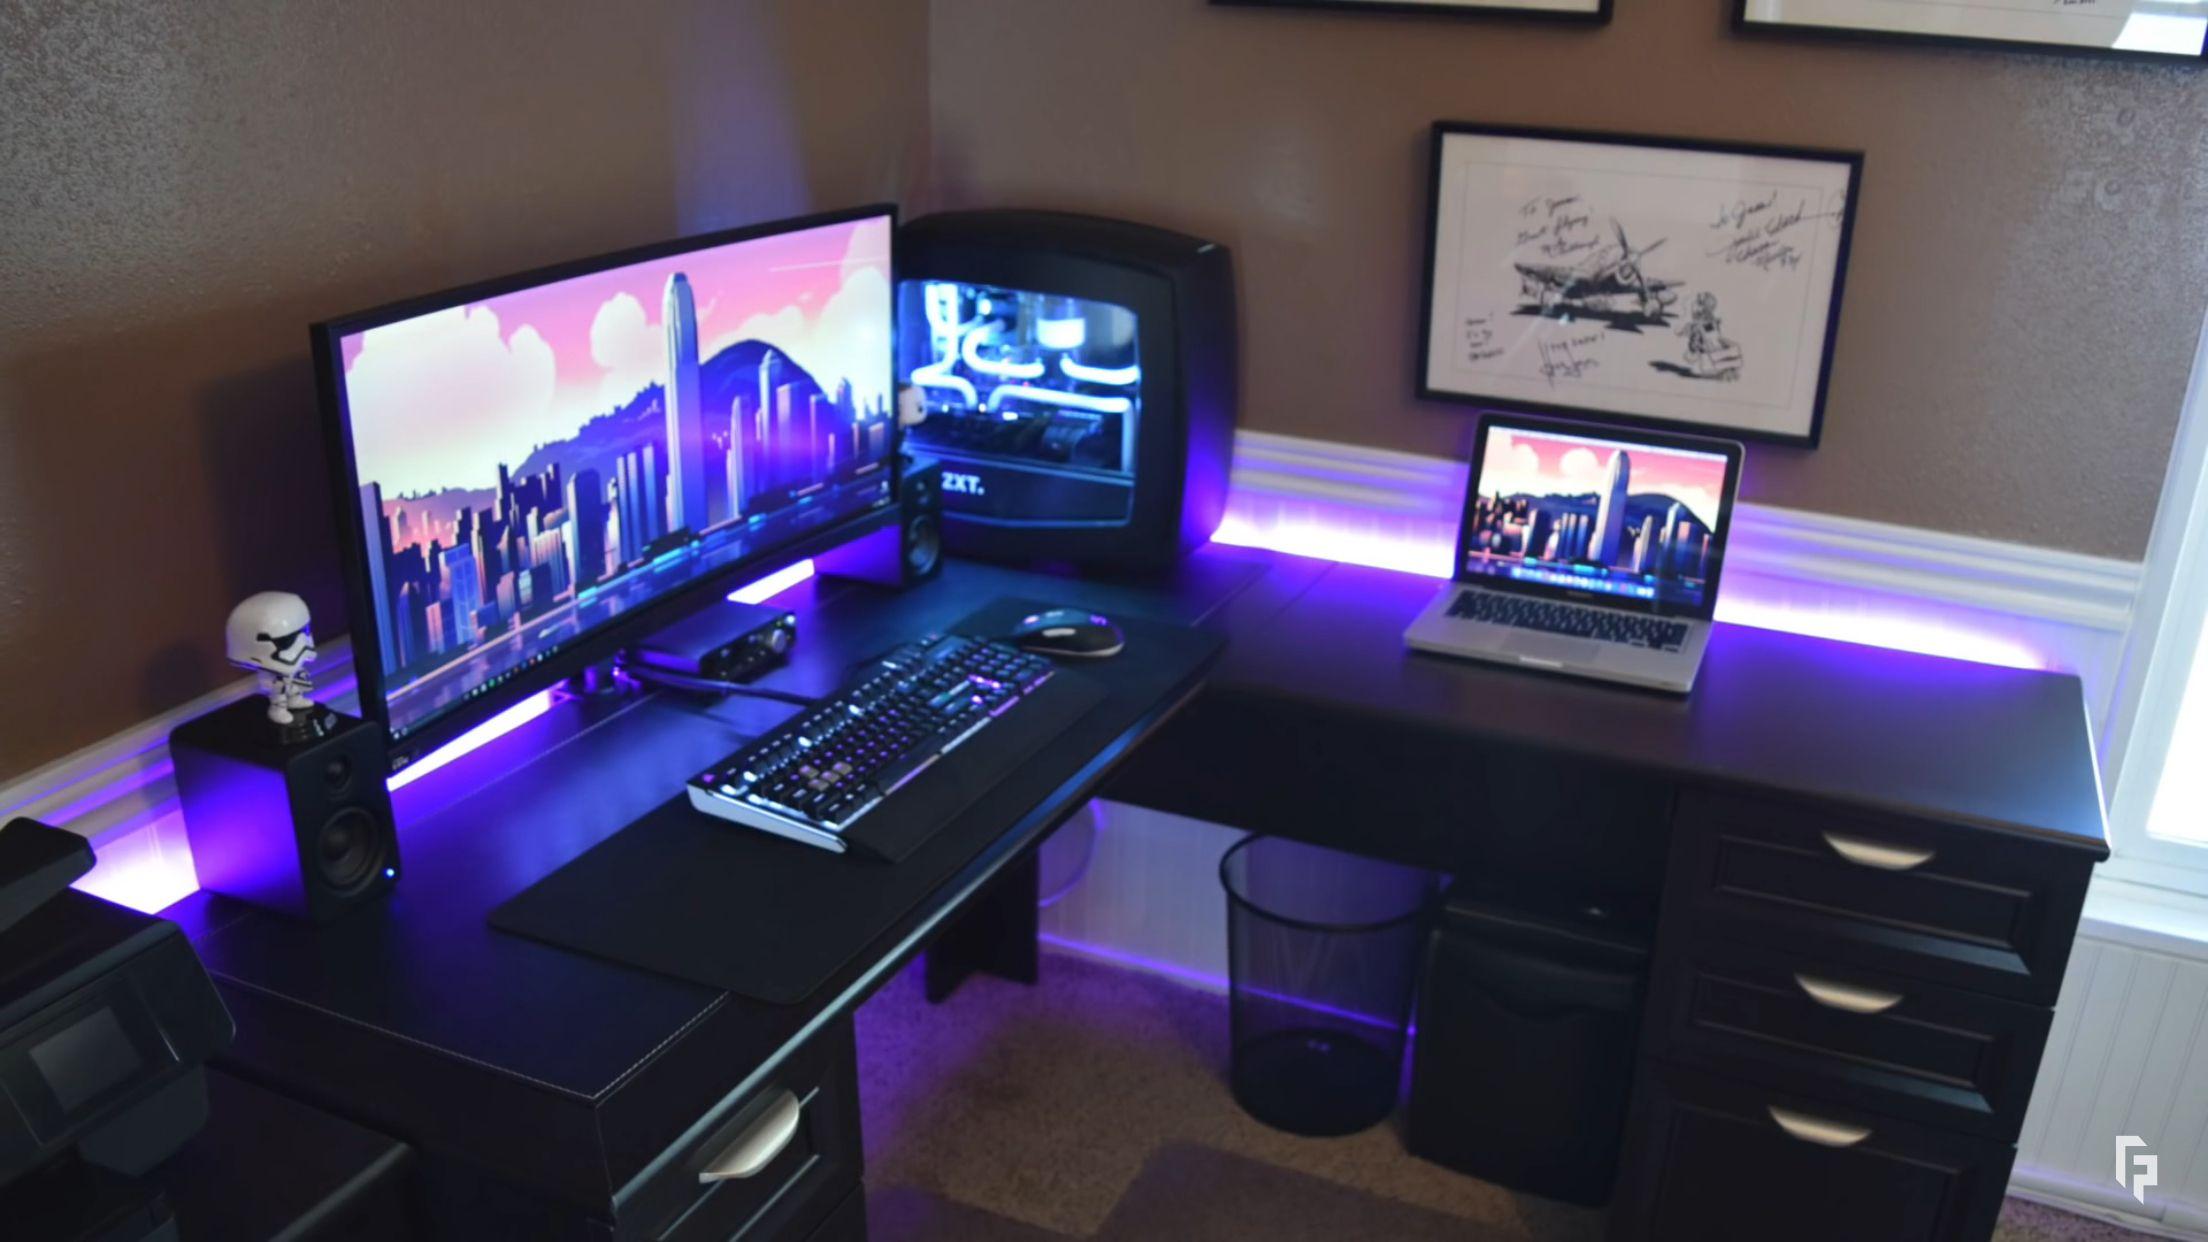 Gaming Desks  Gaming Desks  Computer desk setup Game